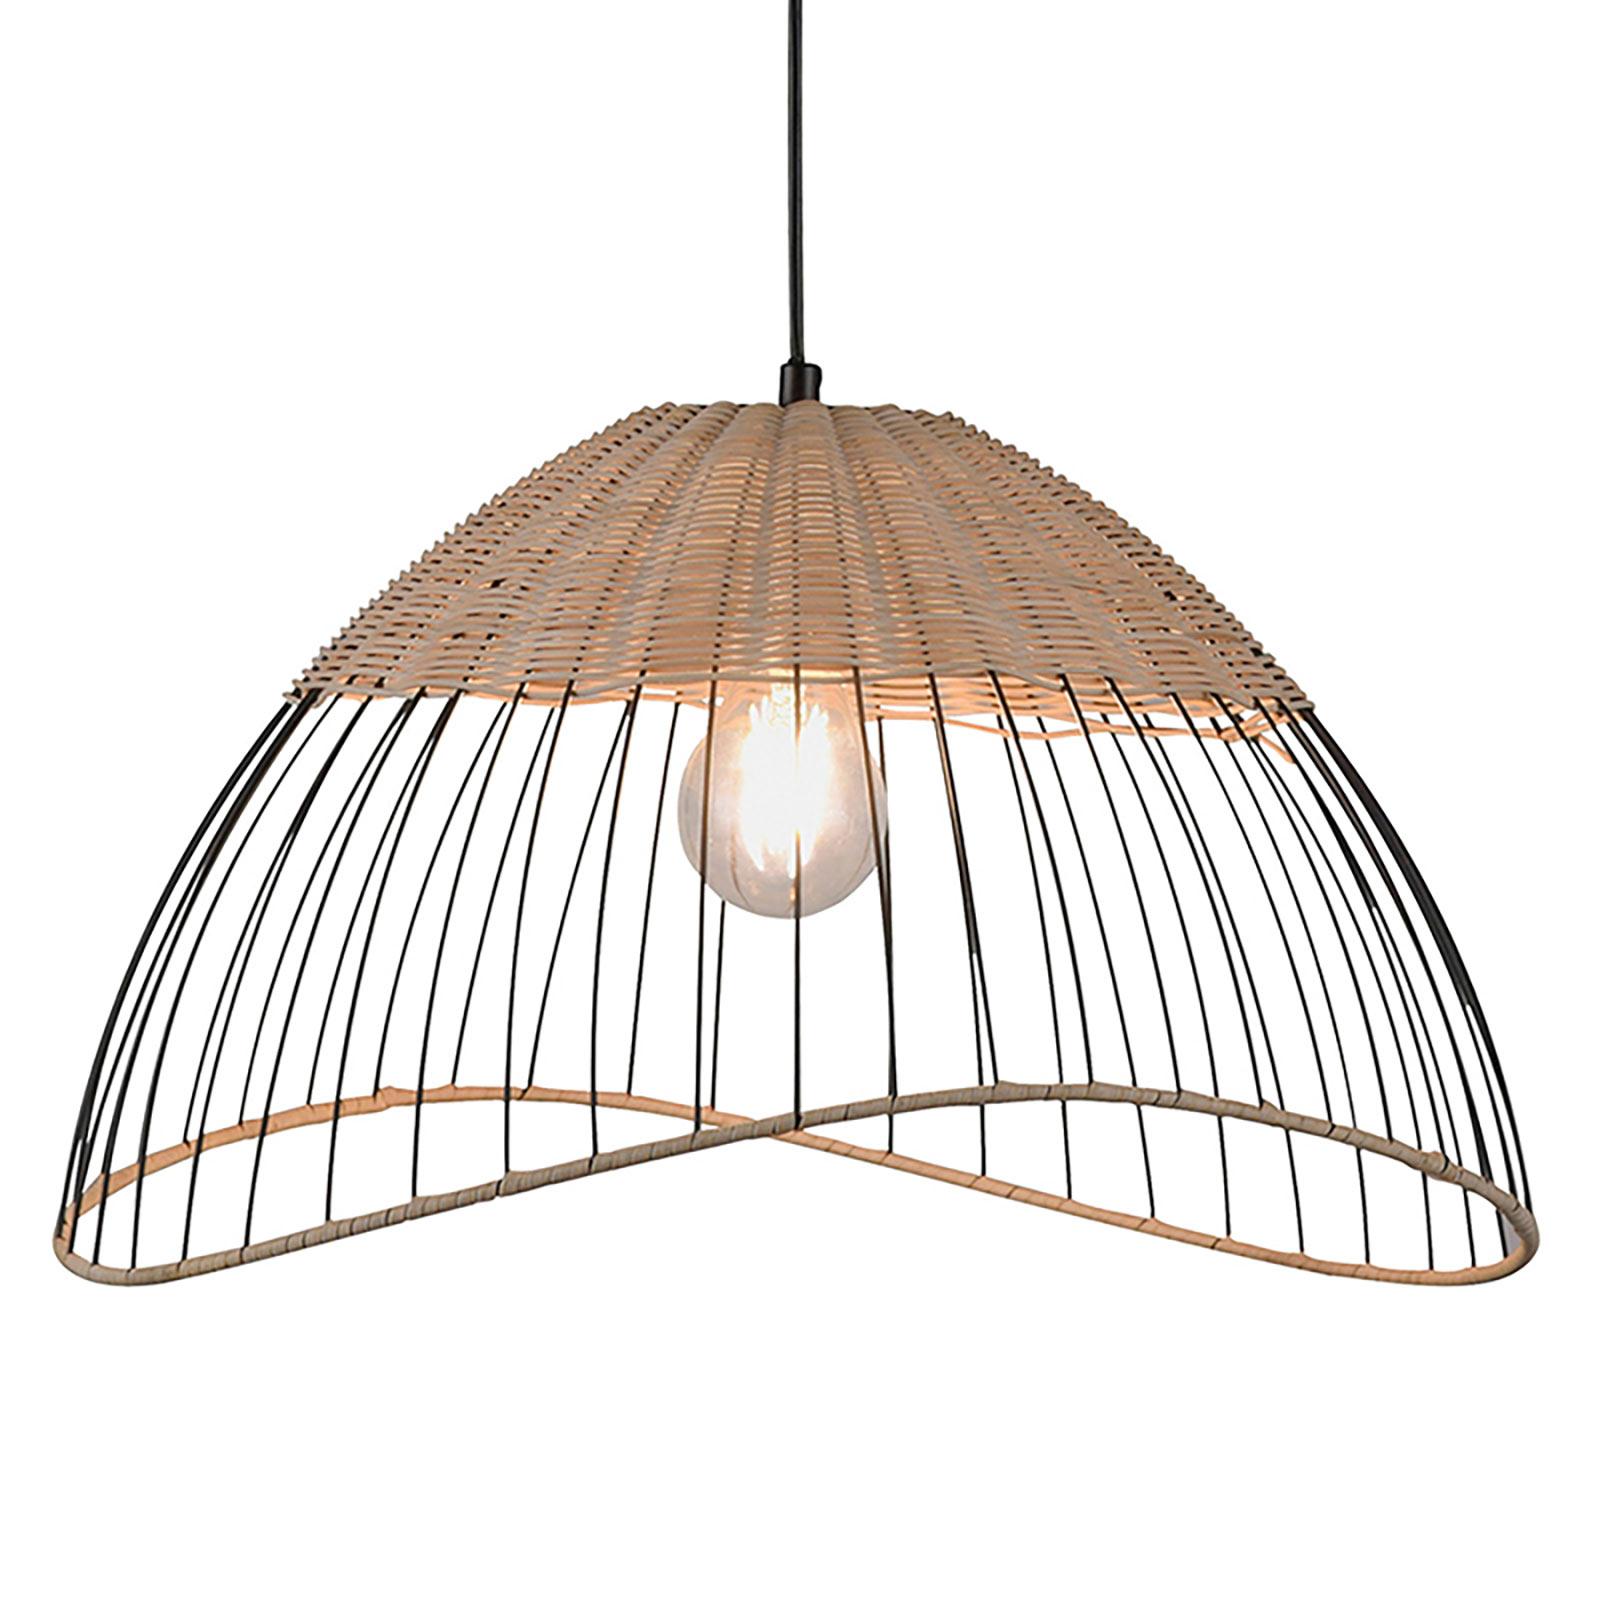 Lampa wisząca Reed z kloszem w formie półkuli